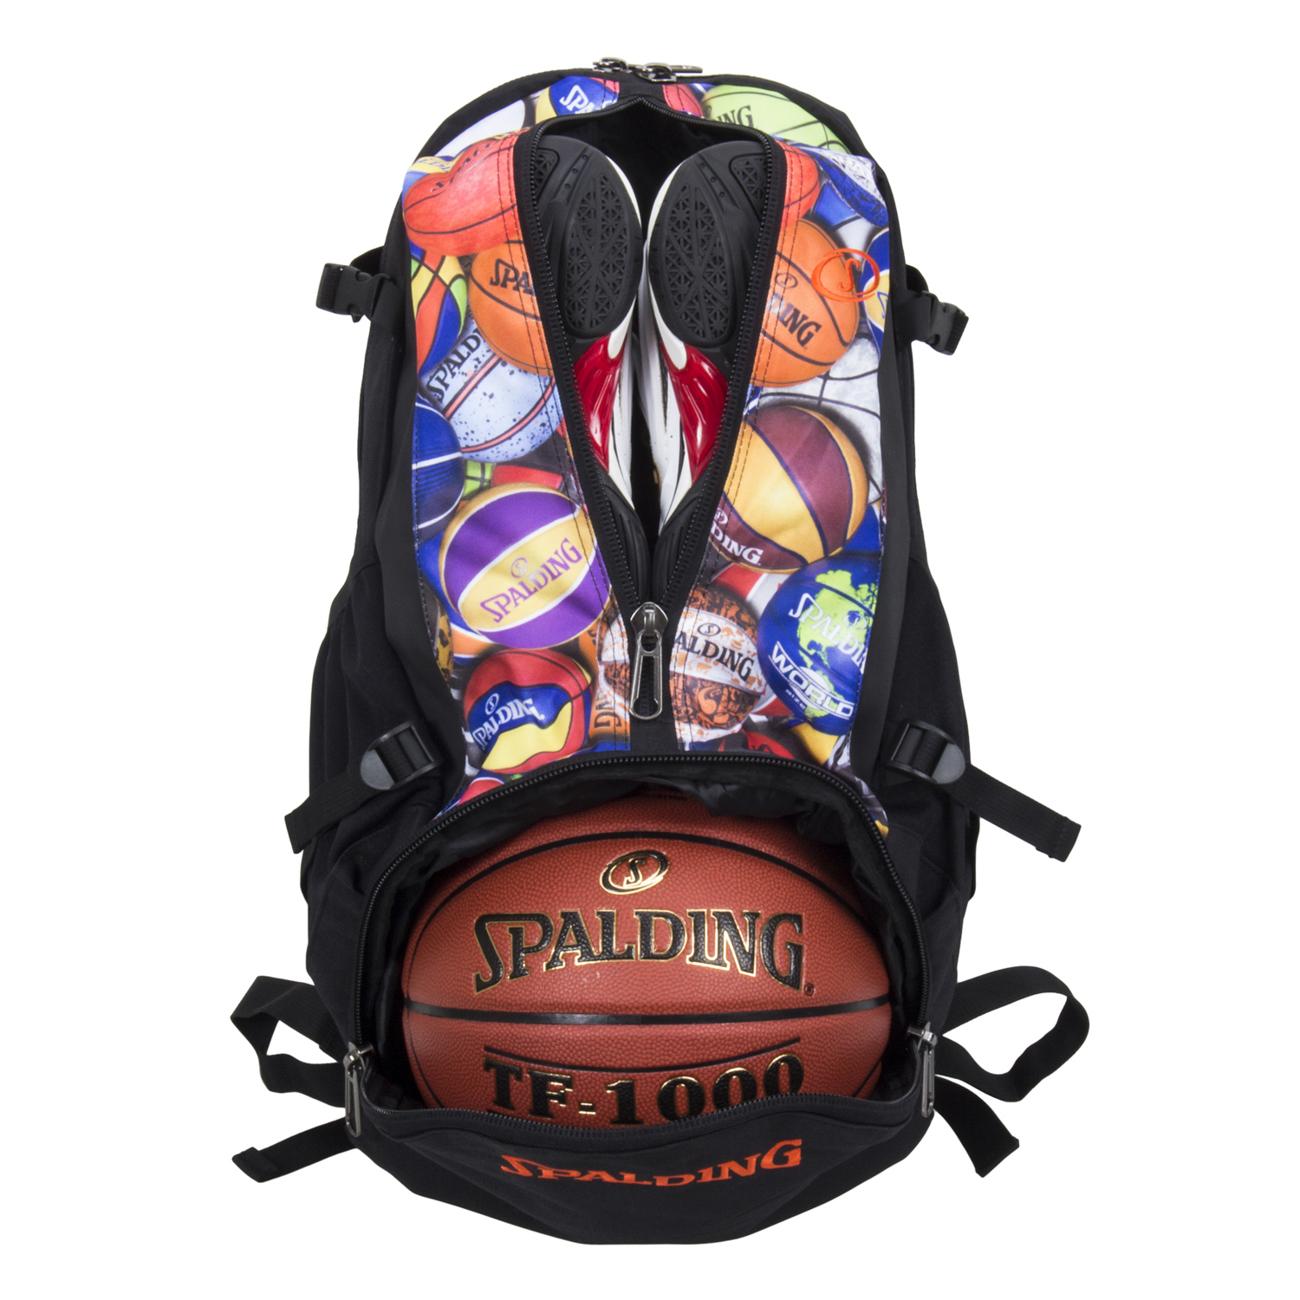 スポルディング ケイジャー マルチボール バスケットボール収納バッグ SPALDING40-007MLB